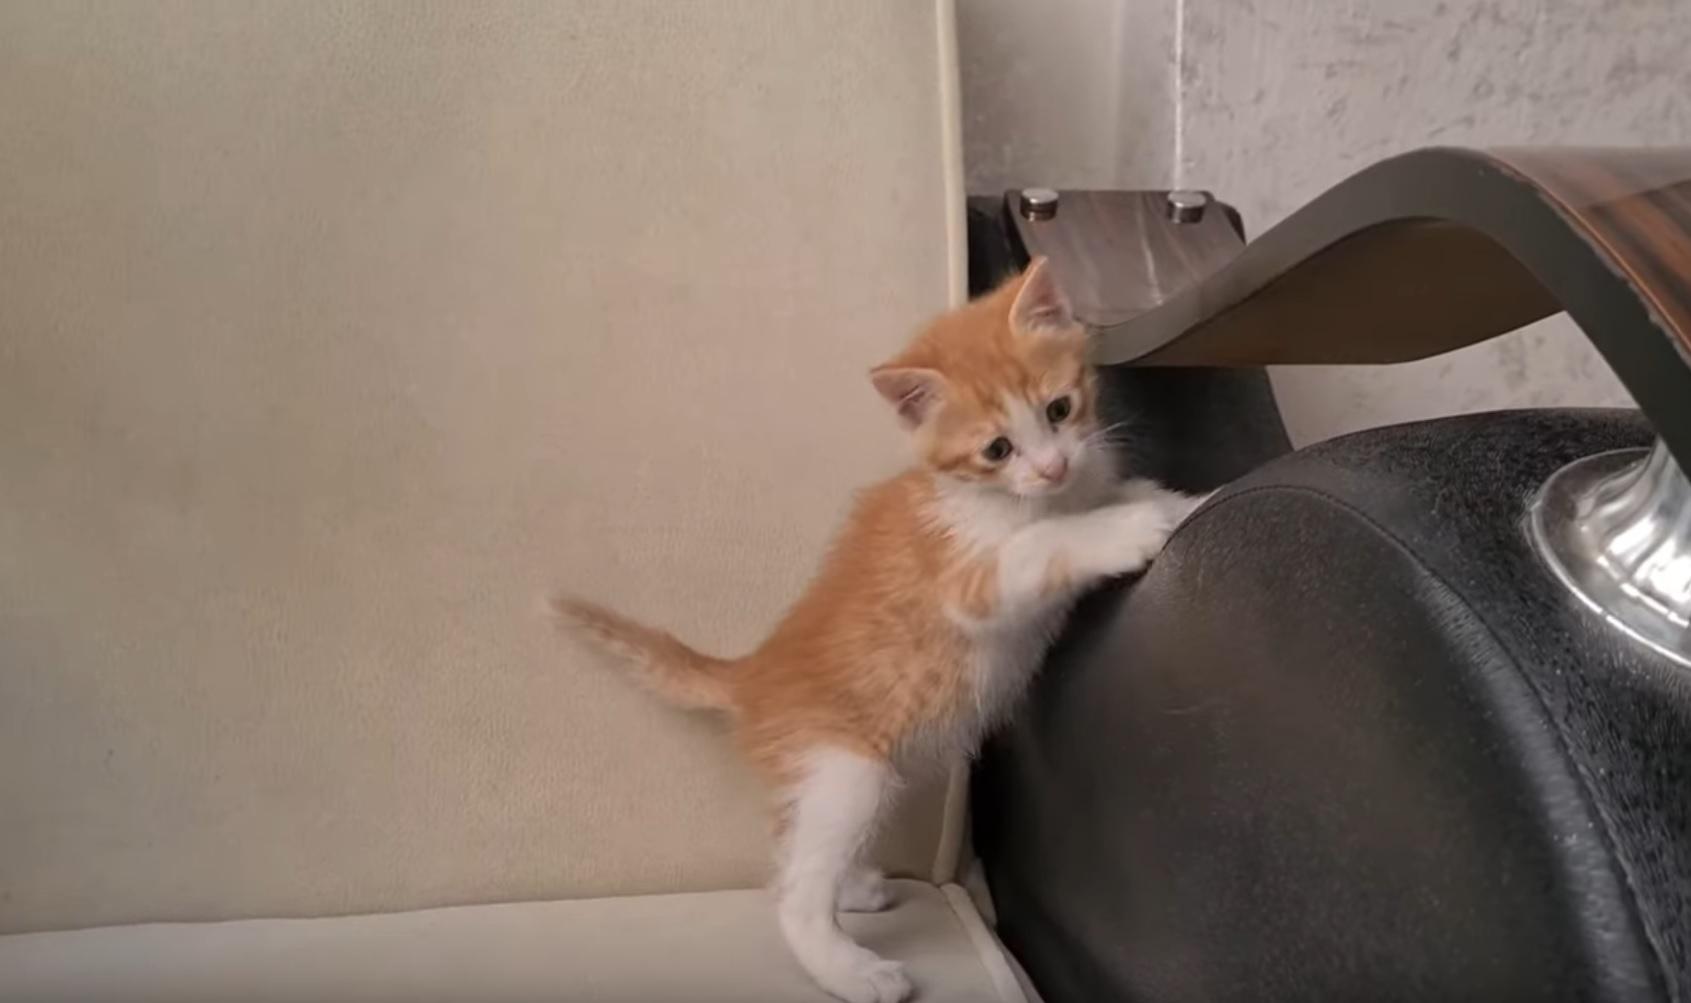 Energetic Kitten Playing Video